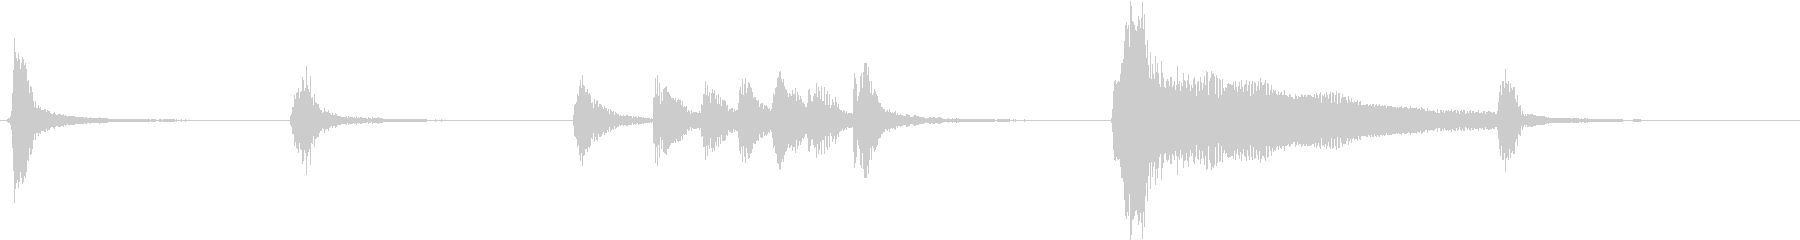 トムとジェリー風なアニメ音楽「忍び足」1の未再生の波形